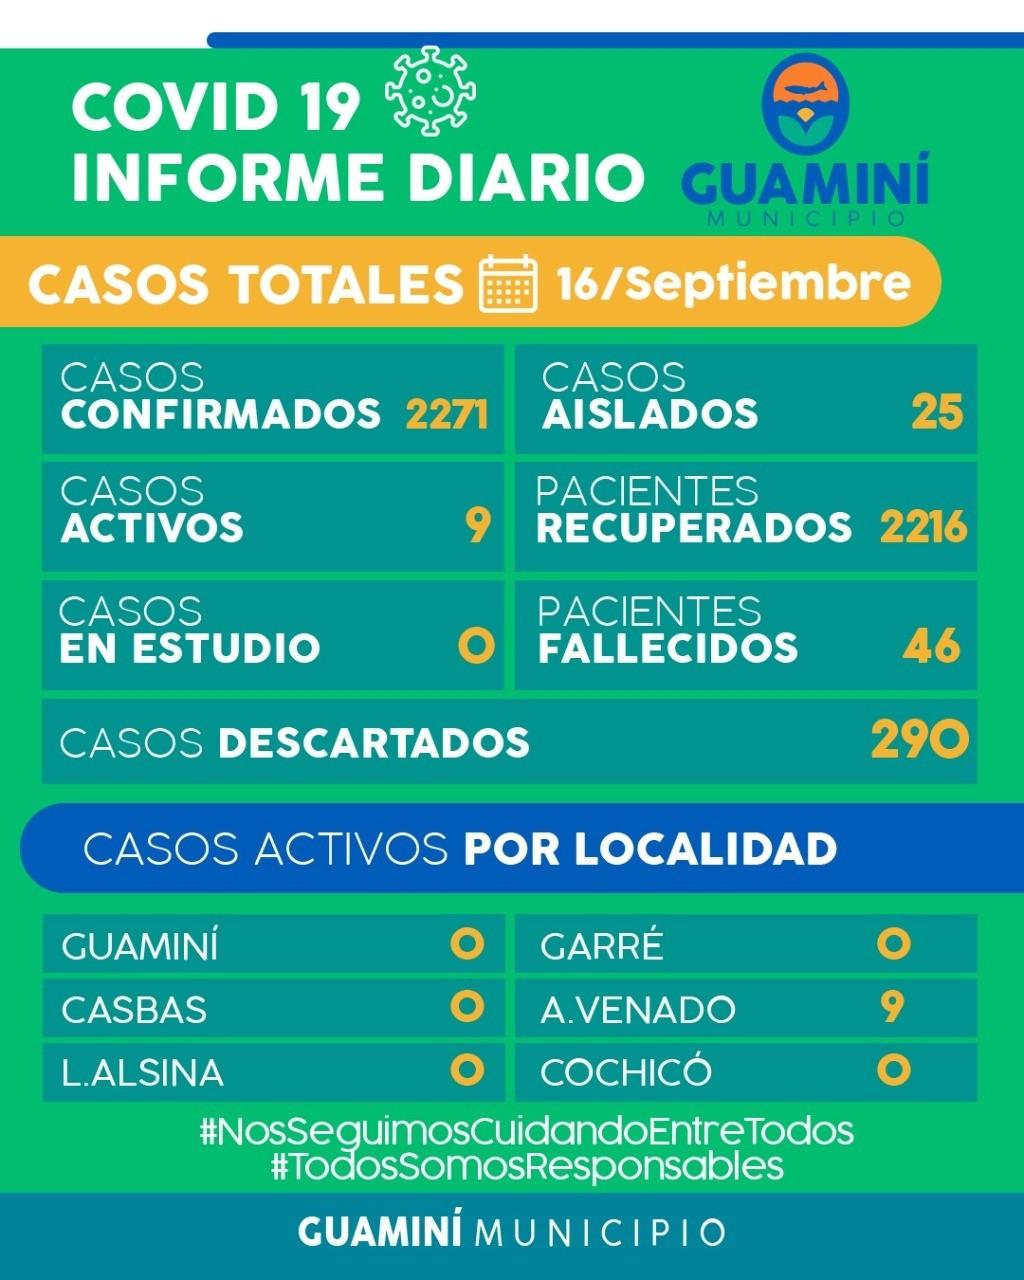 CORONAVIRUS: INFORME DIARIO DE SITUACIÓN A NIVEL LOCAL - 16 DE SEPTIEMBRE -